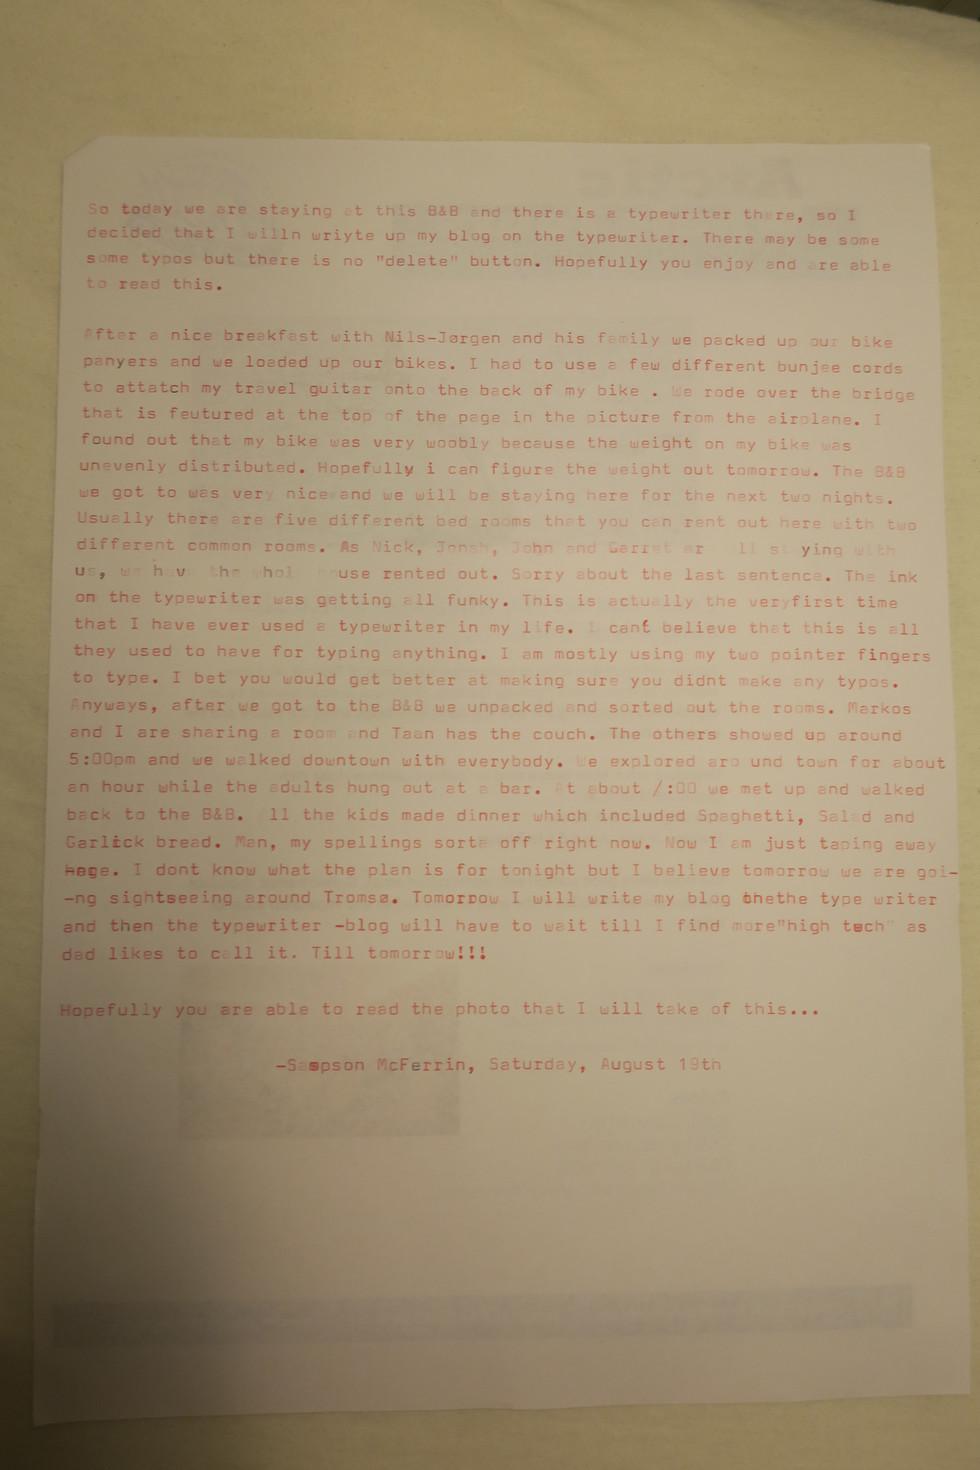 Blog post on a typewriter!